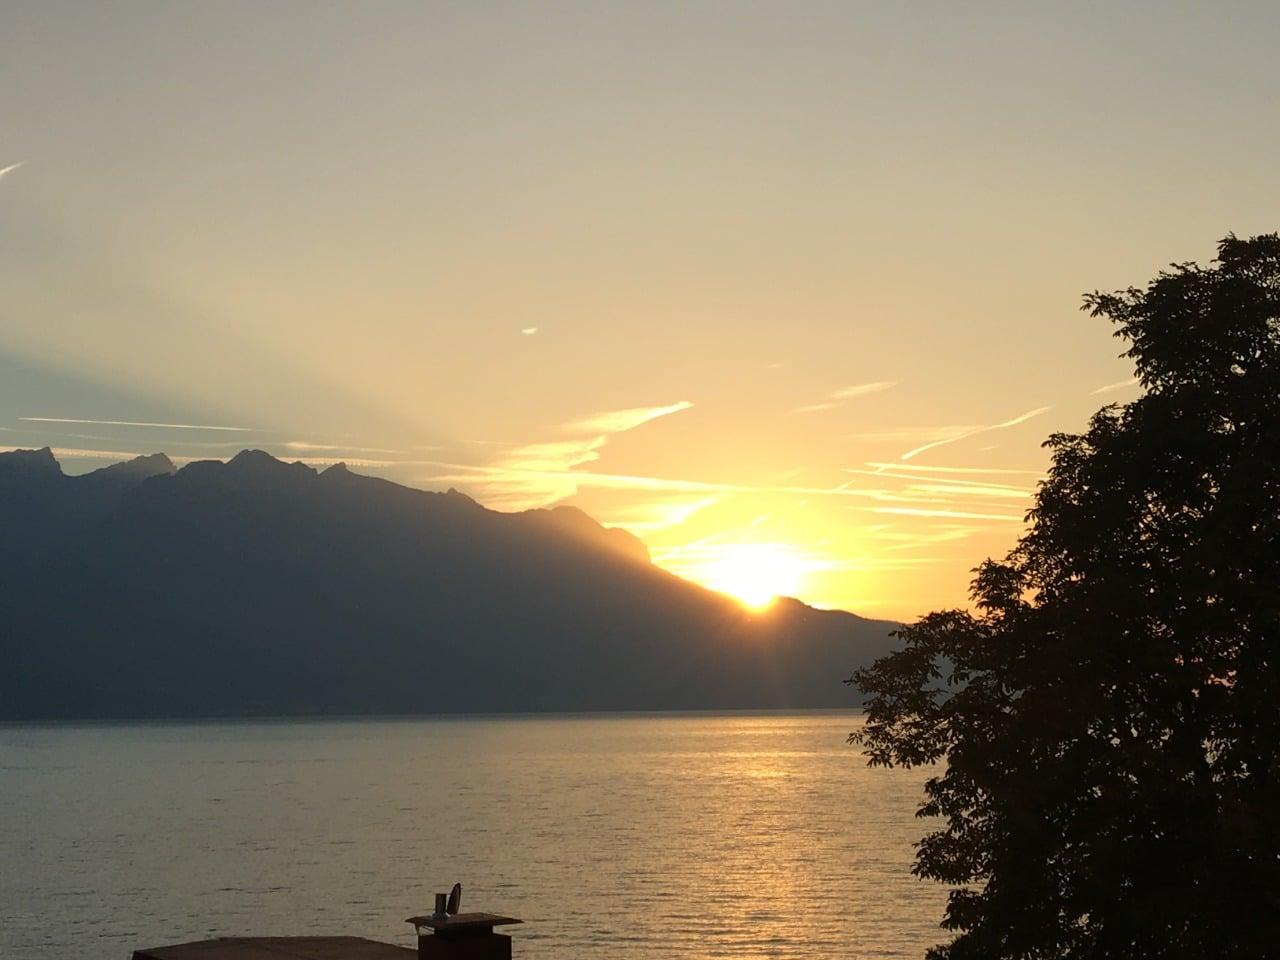 Montreux e seu belíssimo pôr do sol